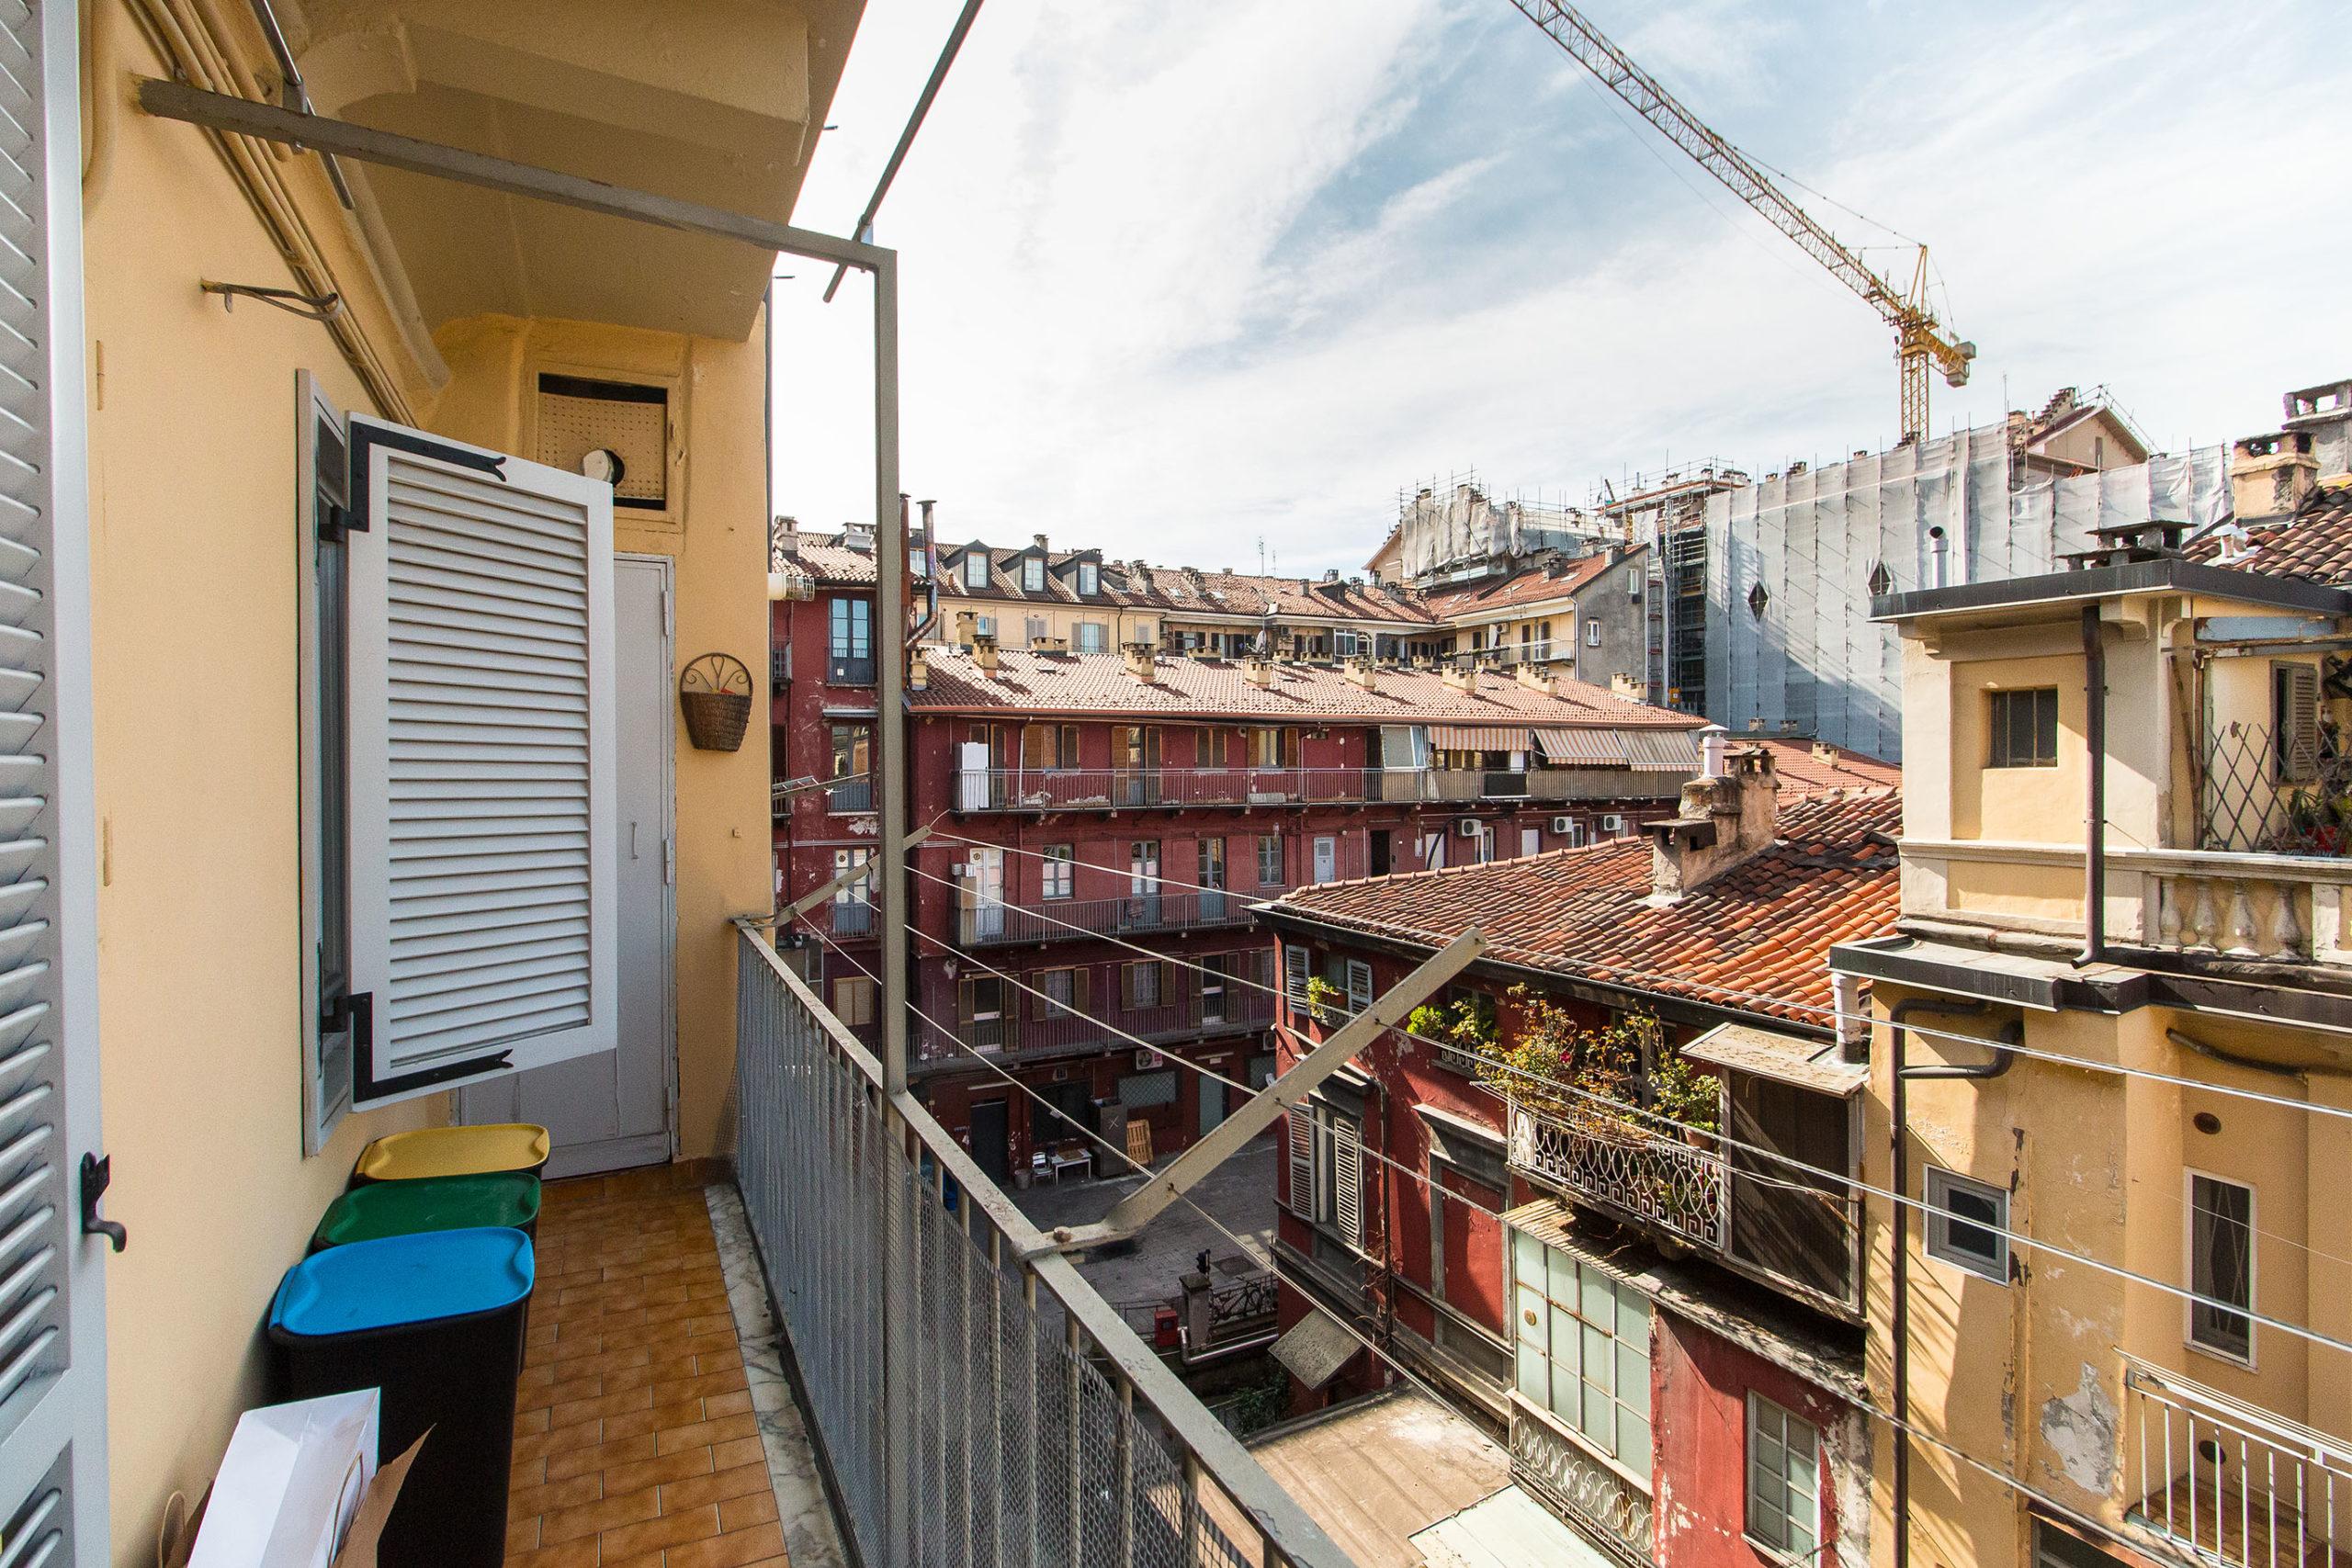 Pentalocale: Via San Francesco da Paola, 44, Centro, Torino